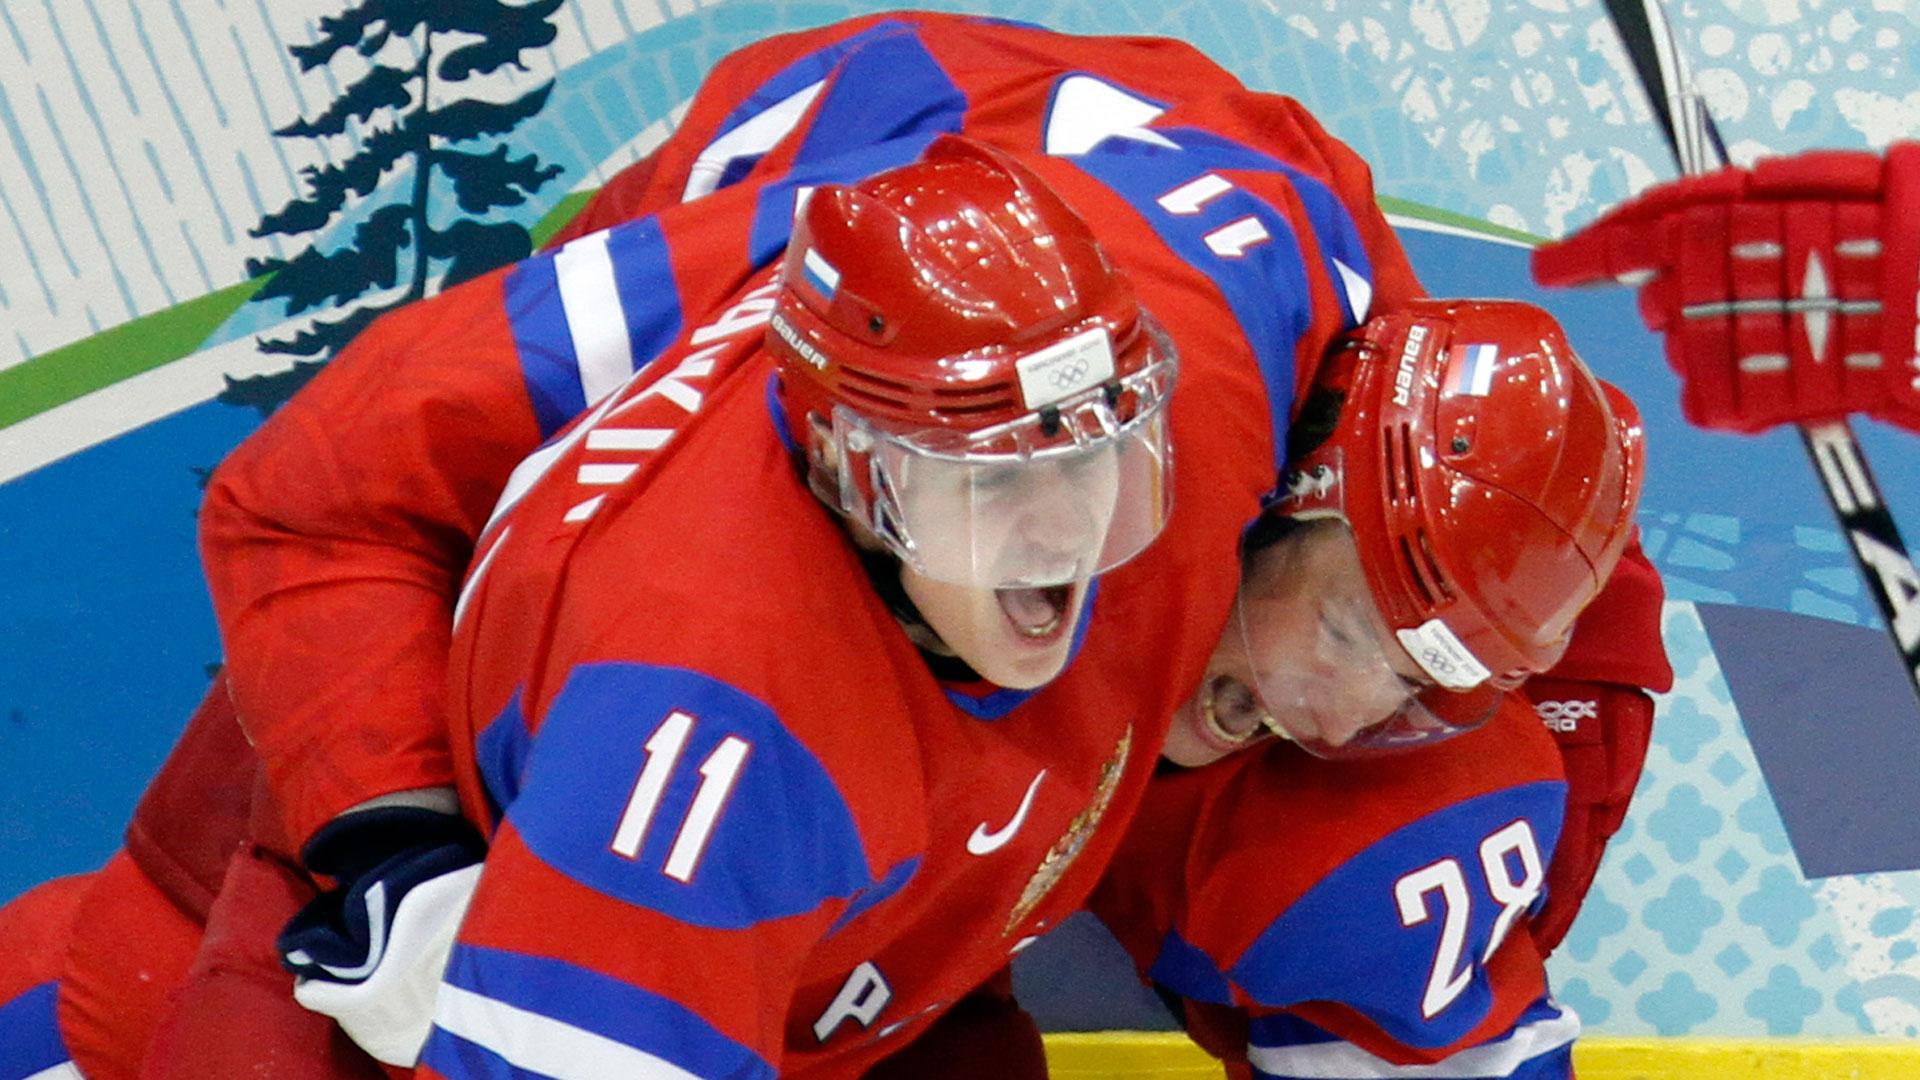 Malkin-Semin-Olympics-FTR-AP1713